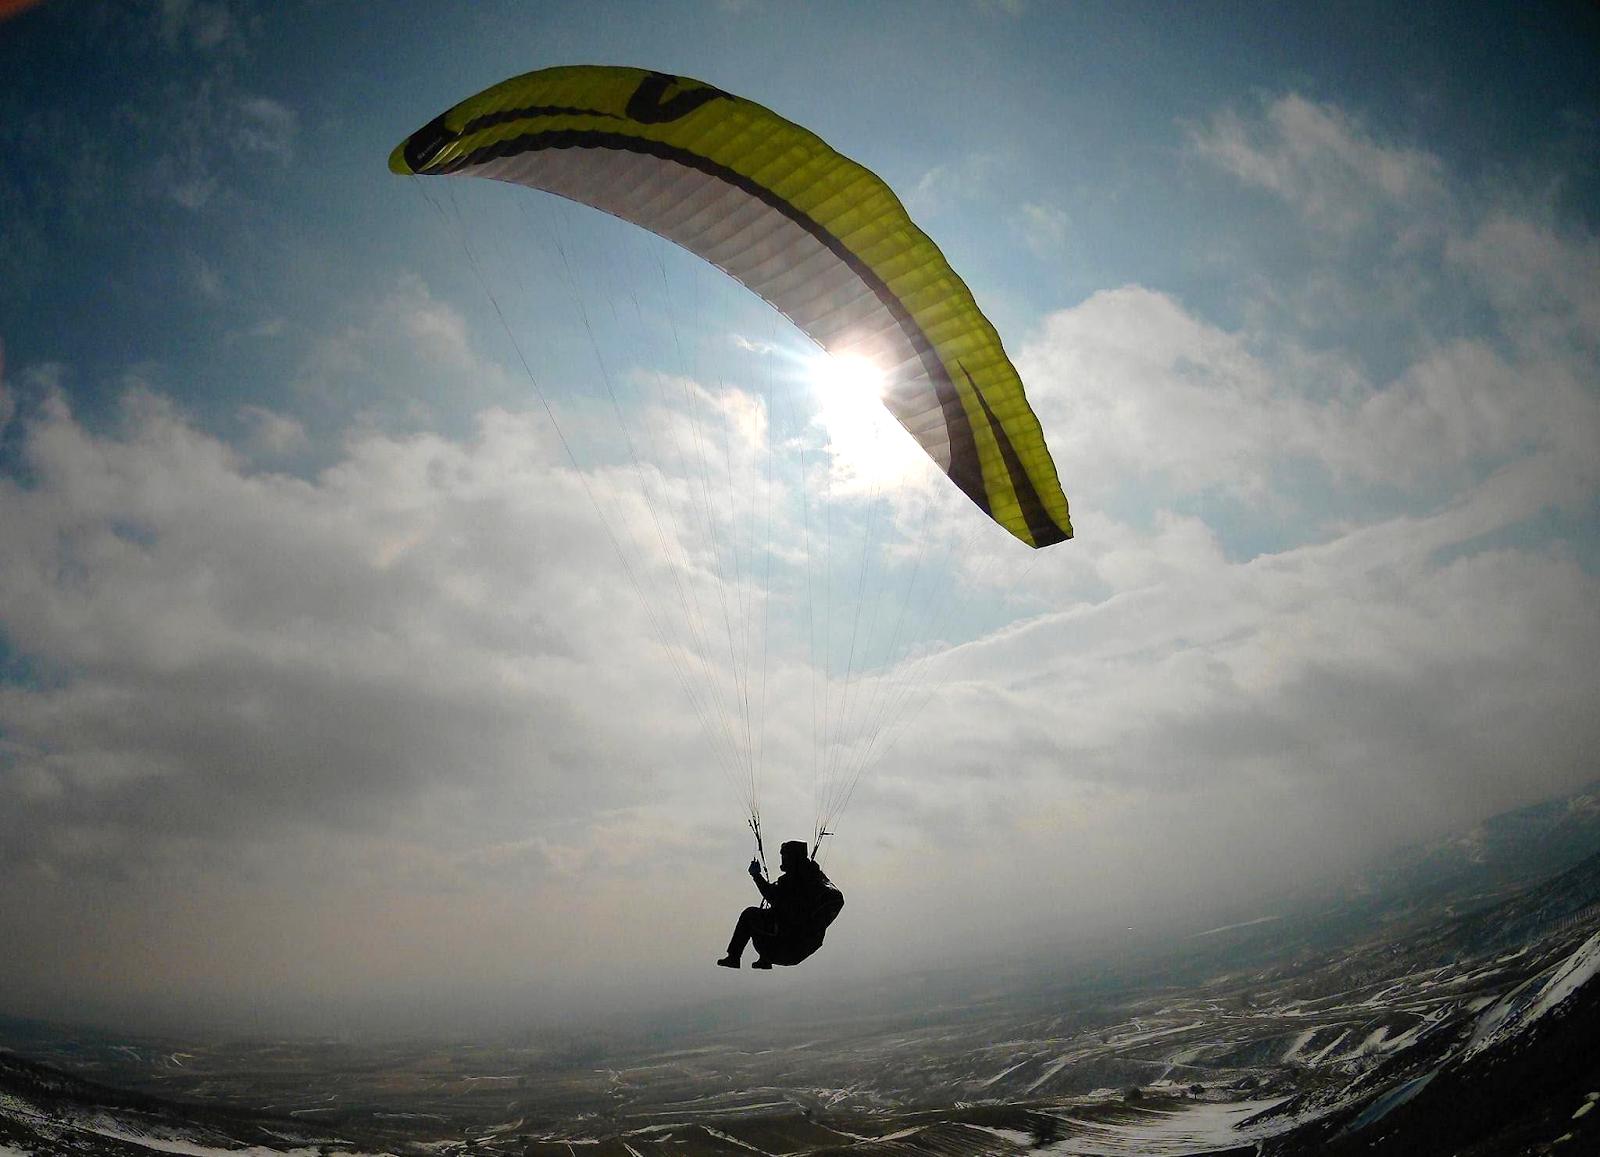 yamaç paraşüt uçuş